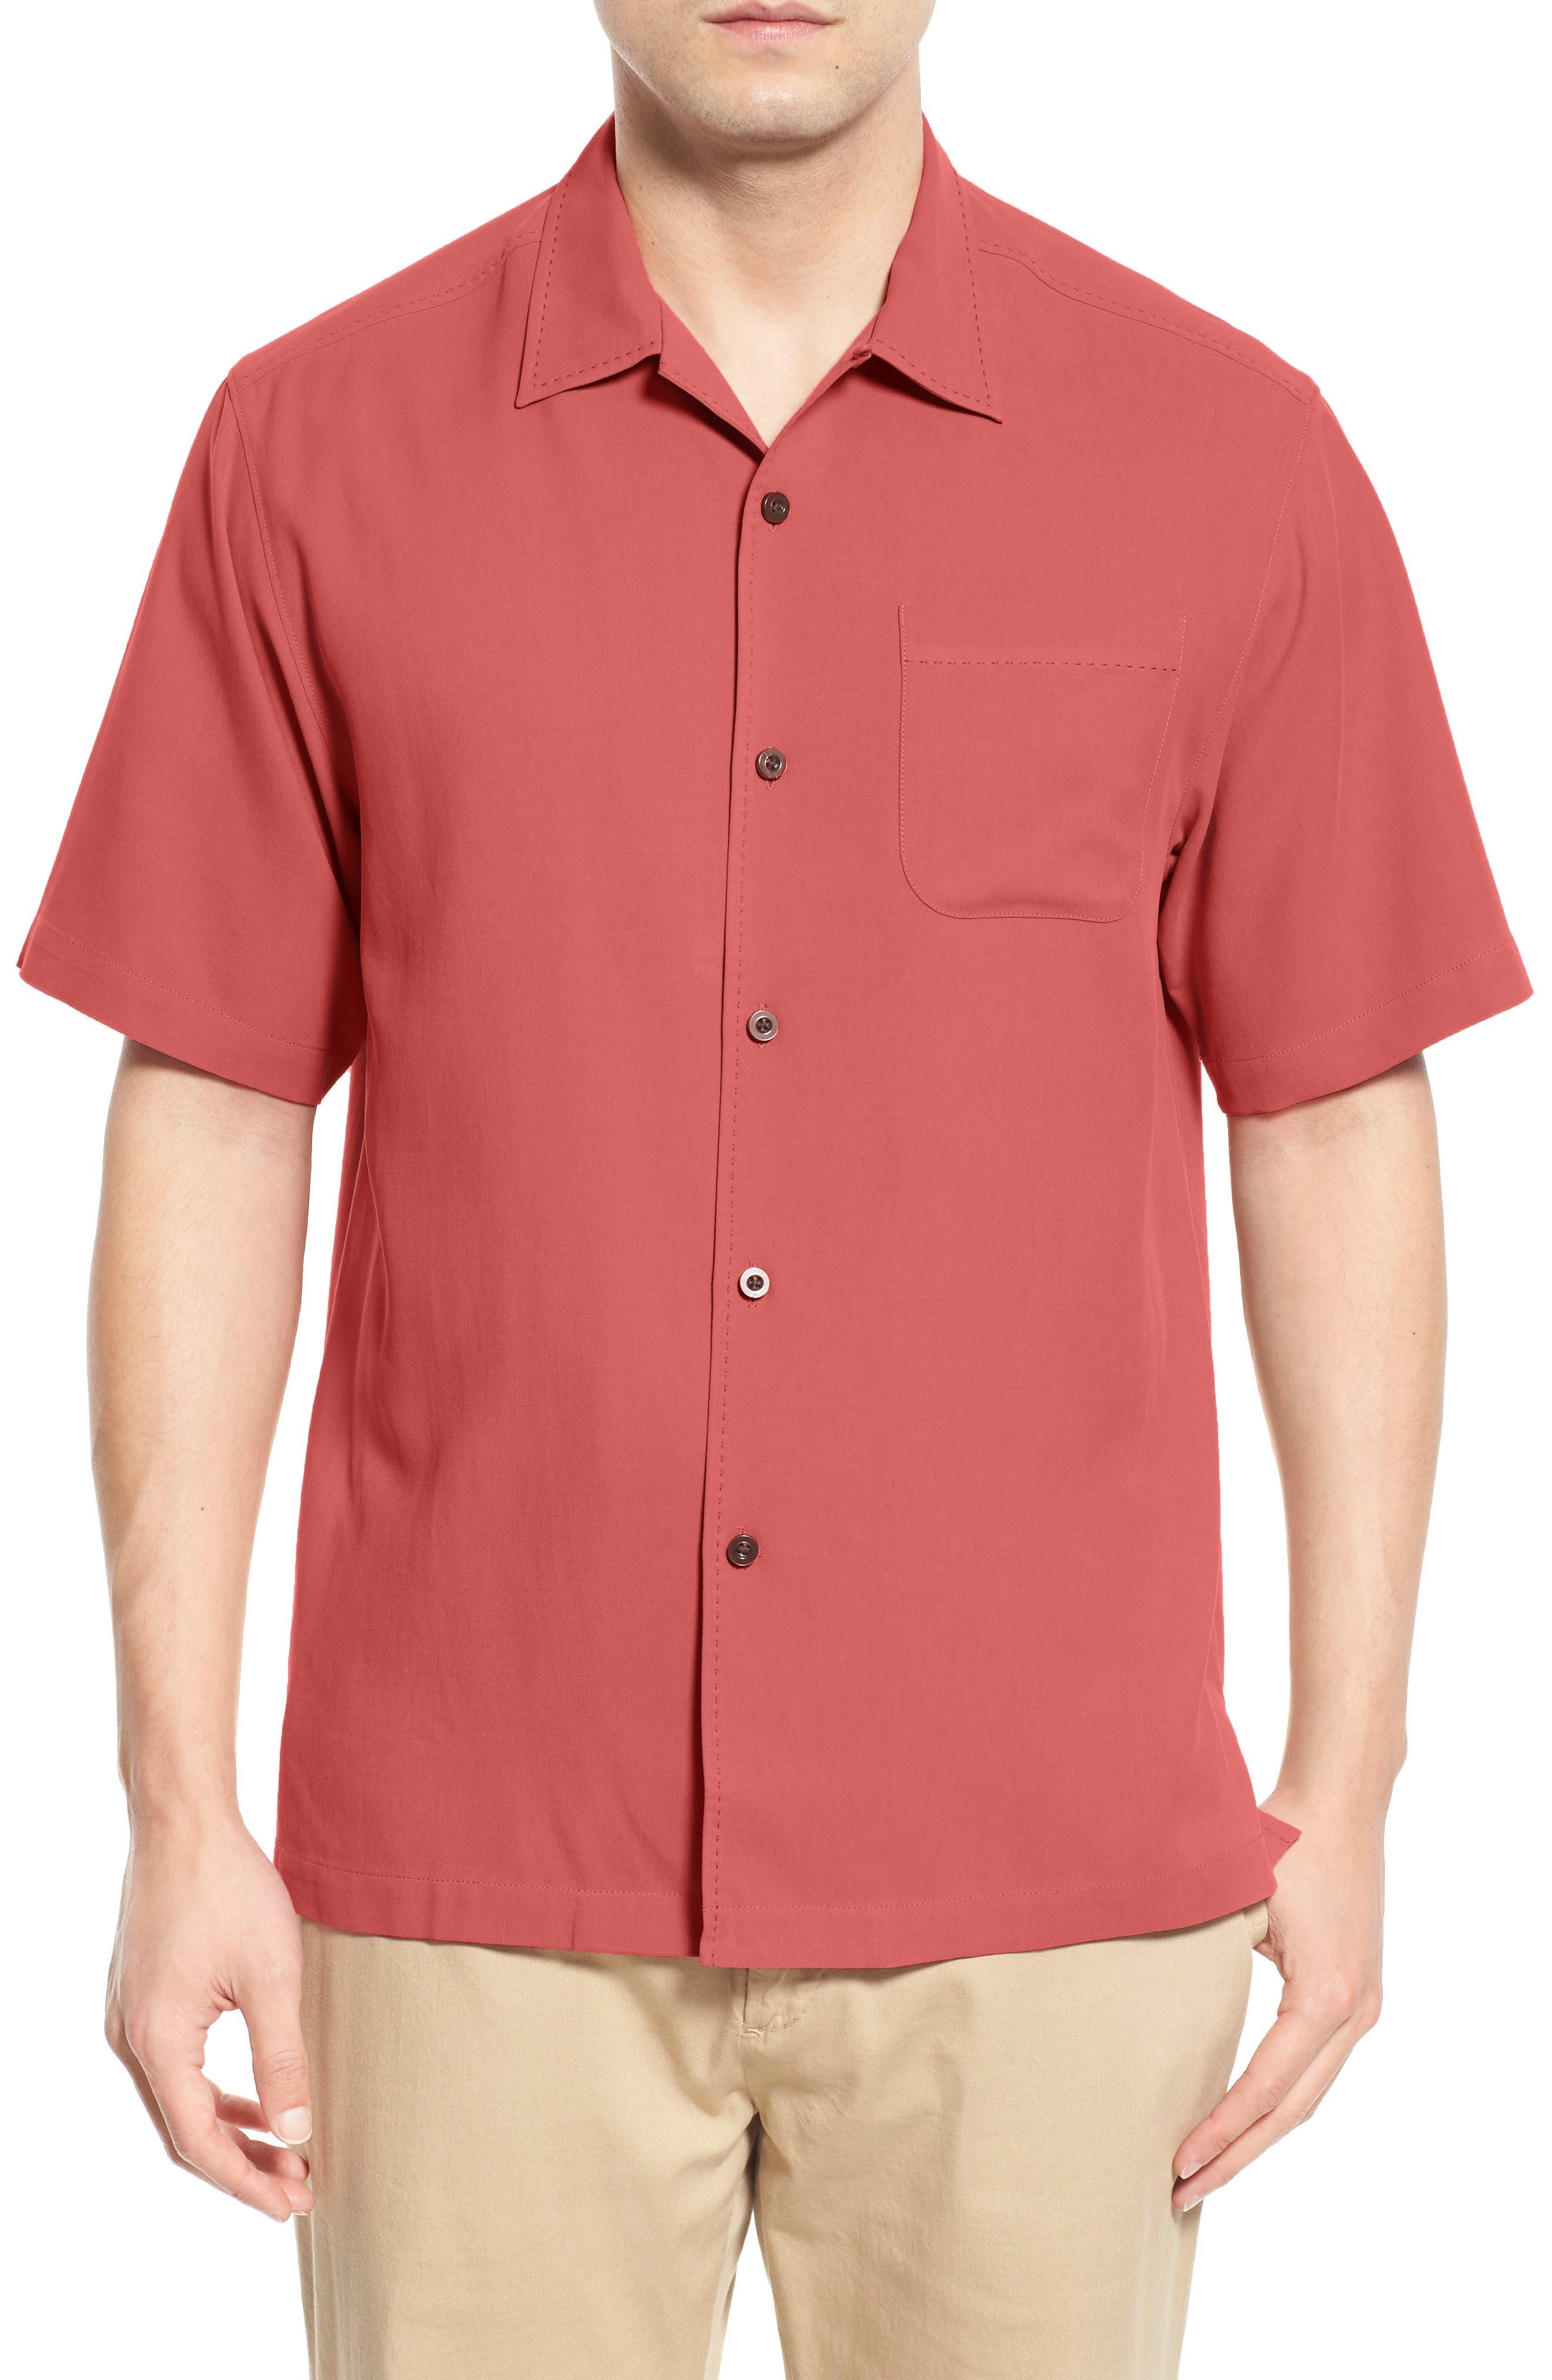 'Catalina Twill' Original Fit Silk Camp Shirt,                             Main thumbnail 1, color,                             Coral Reef